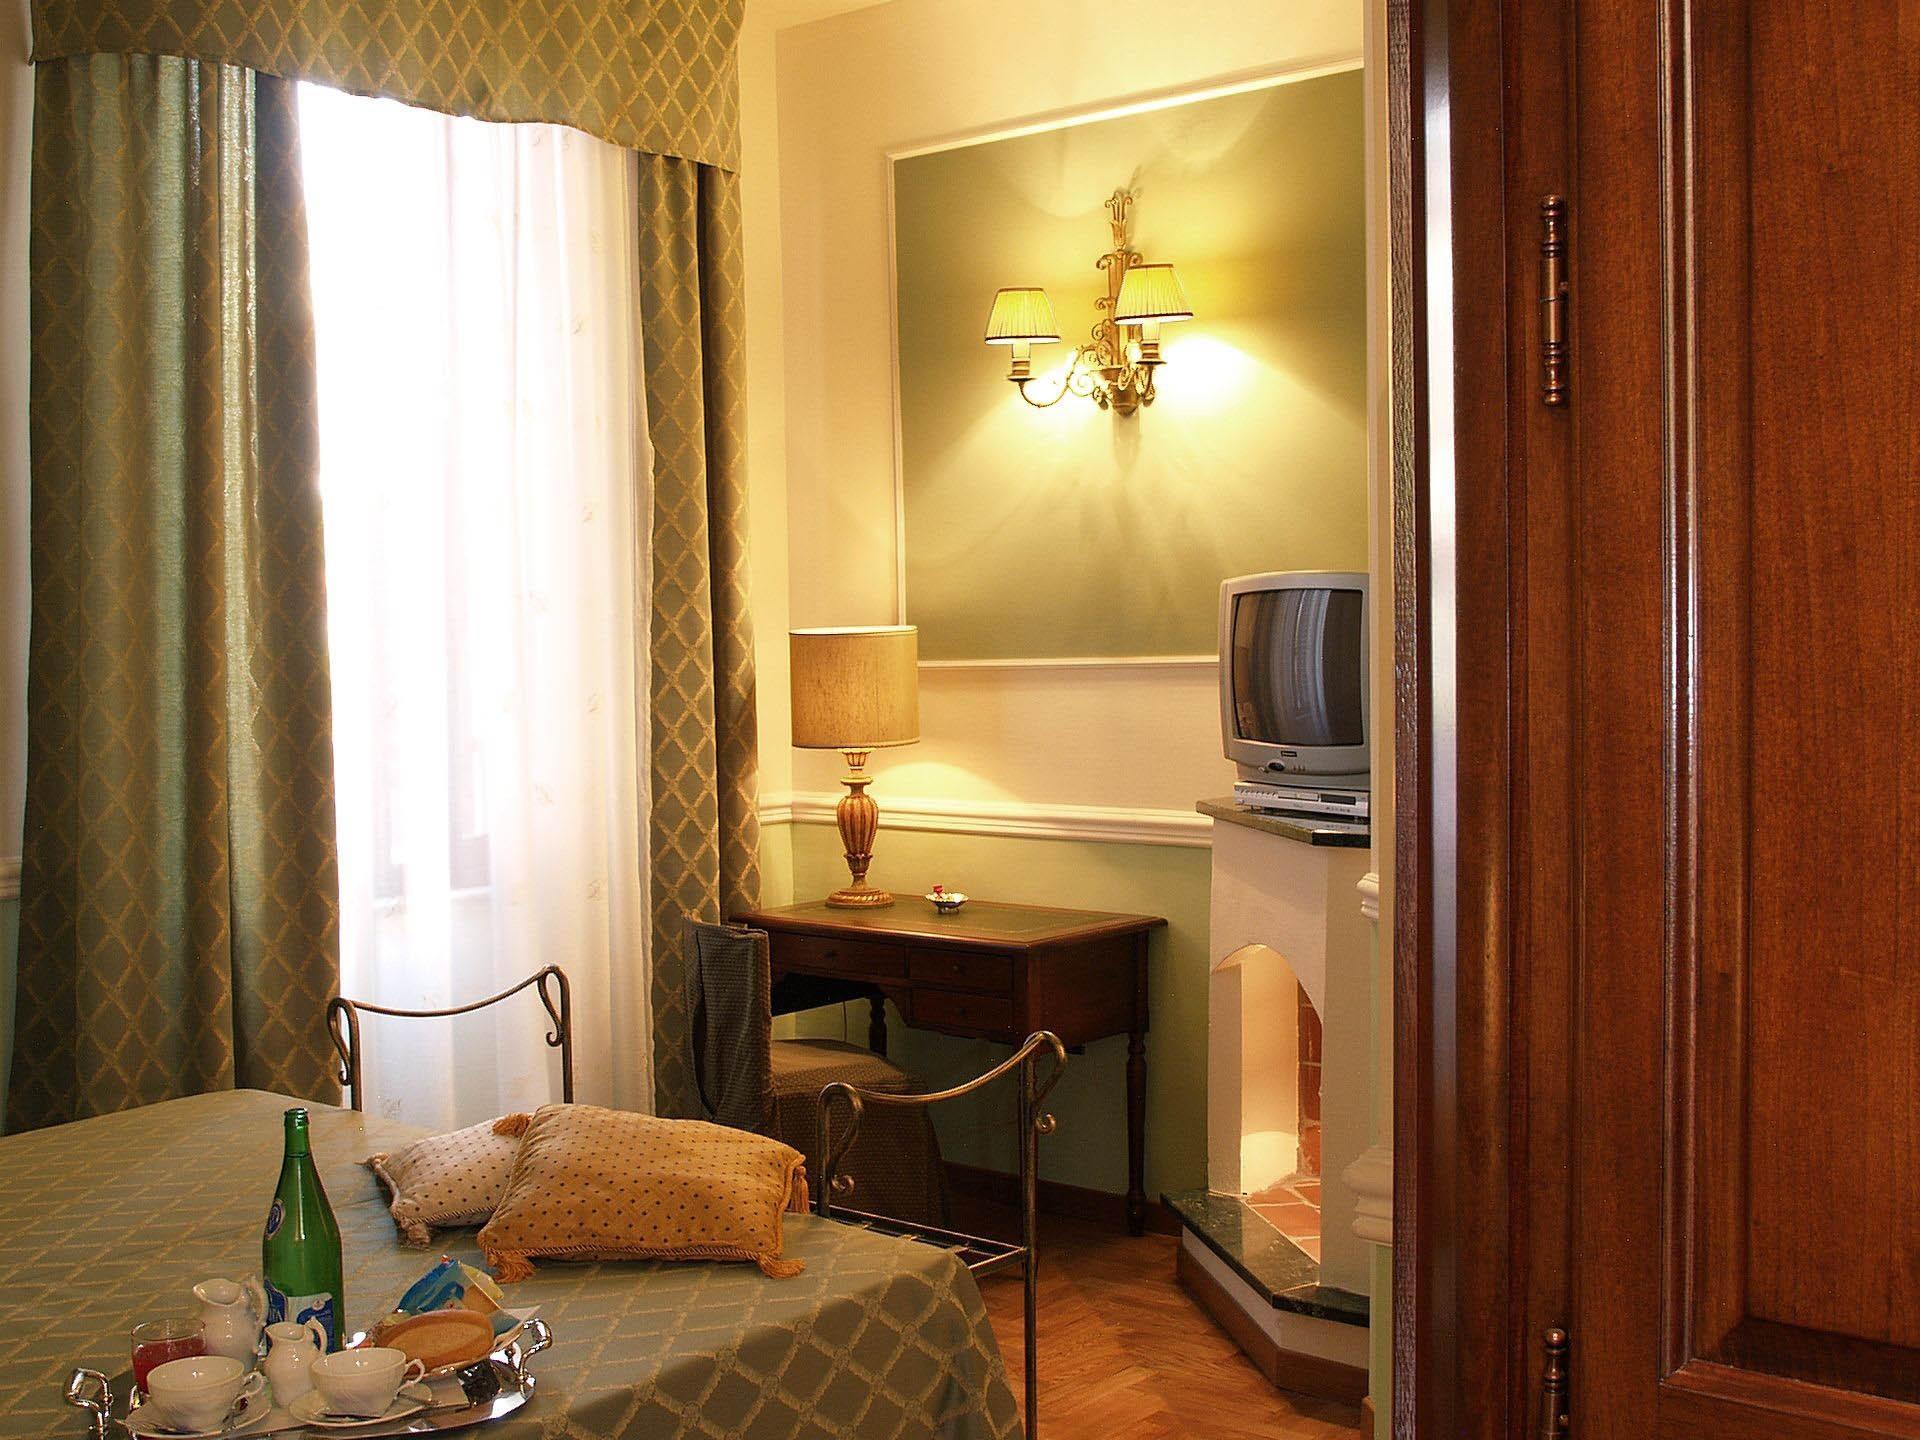 Matrimoniale-Comfort-Bagno privato con  Vasca Jacuzzi-Vista sul cortile